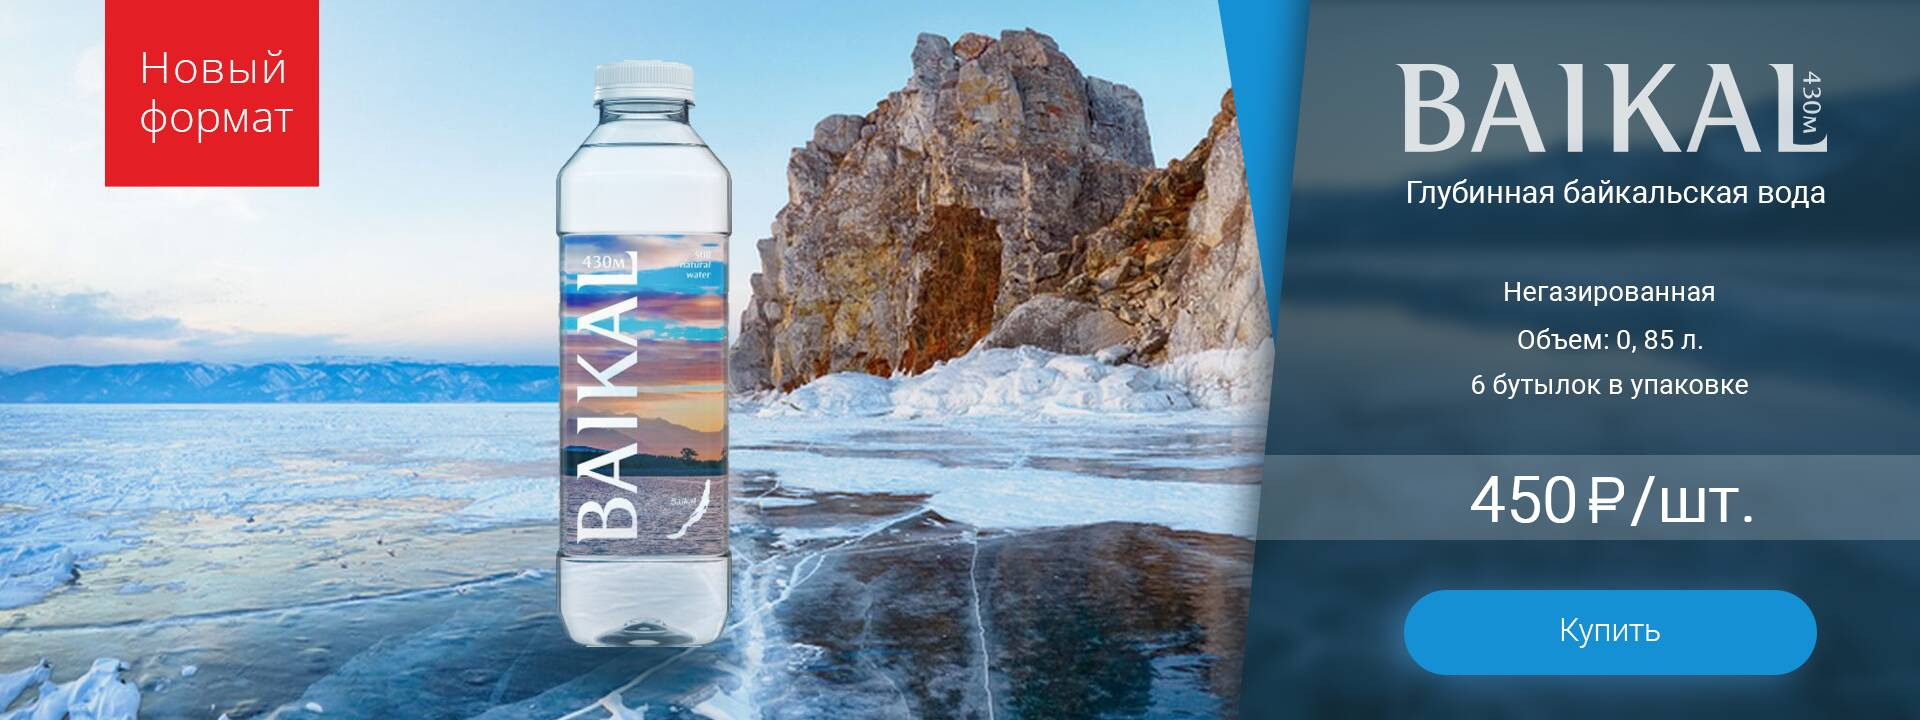 Глубинная вода БАЙКАЛ430 в новом формате обьемом 0.85 литра